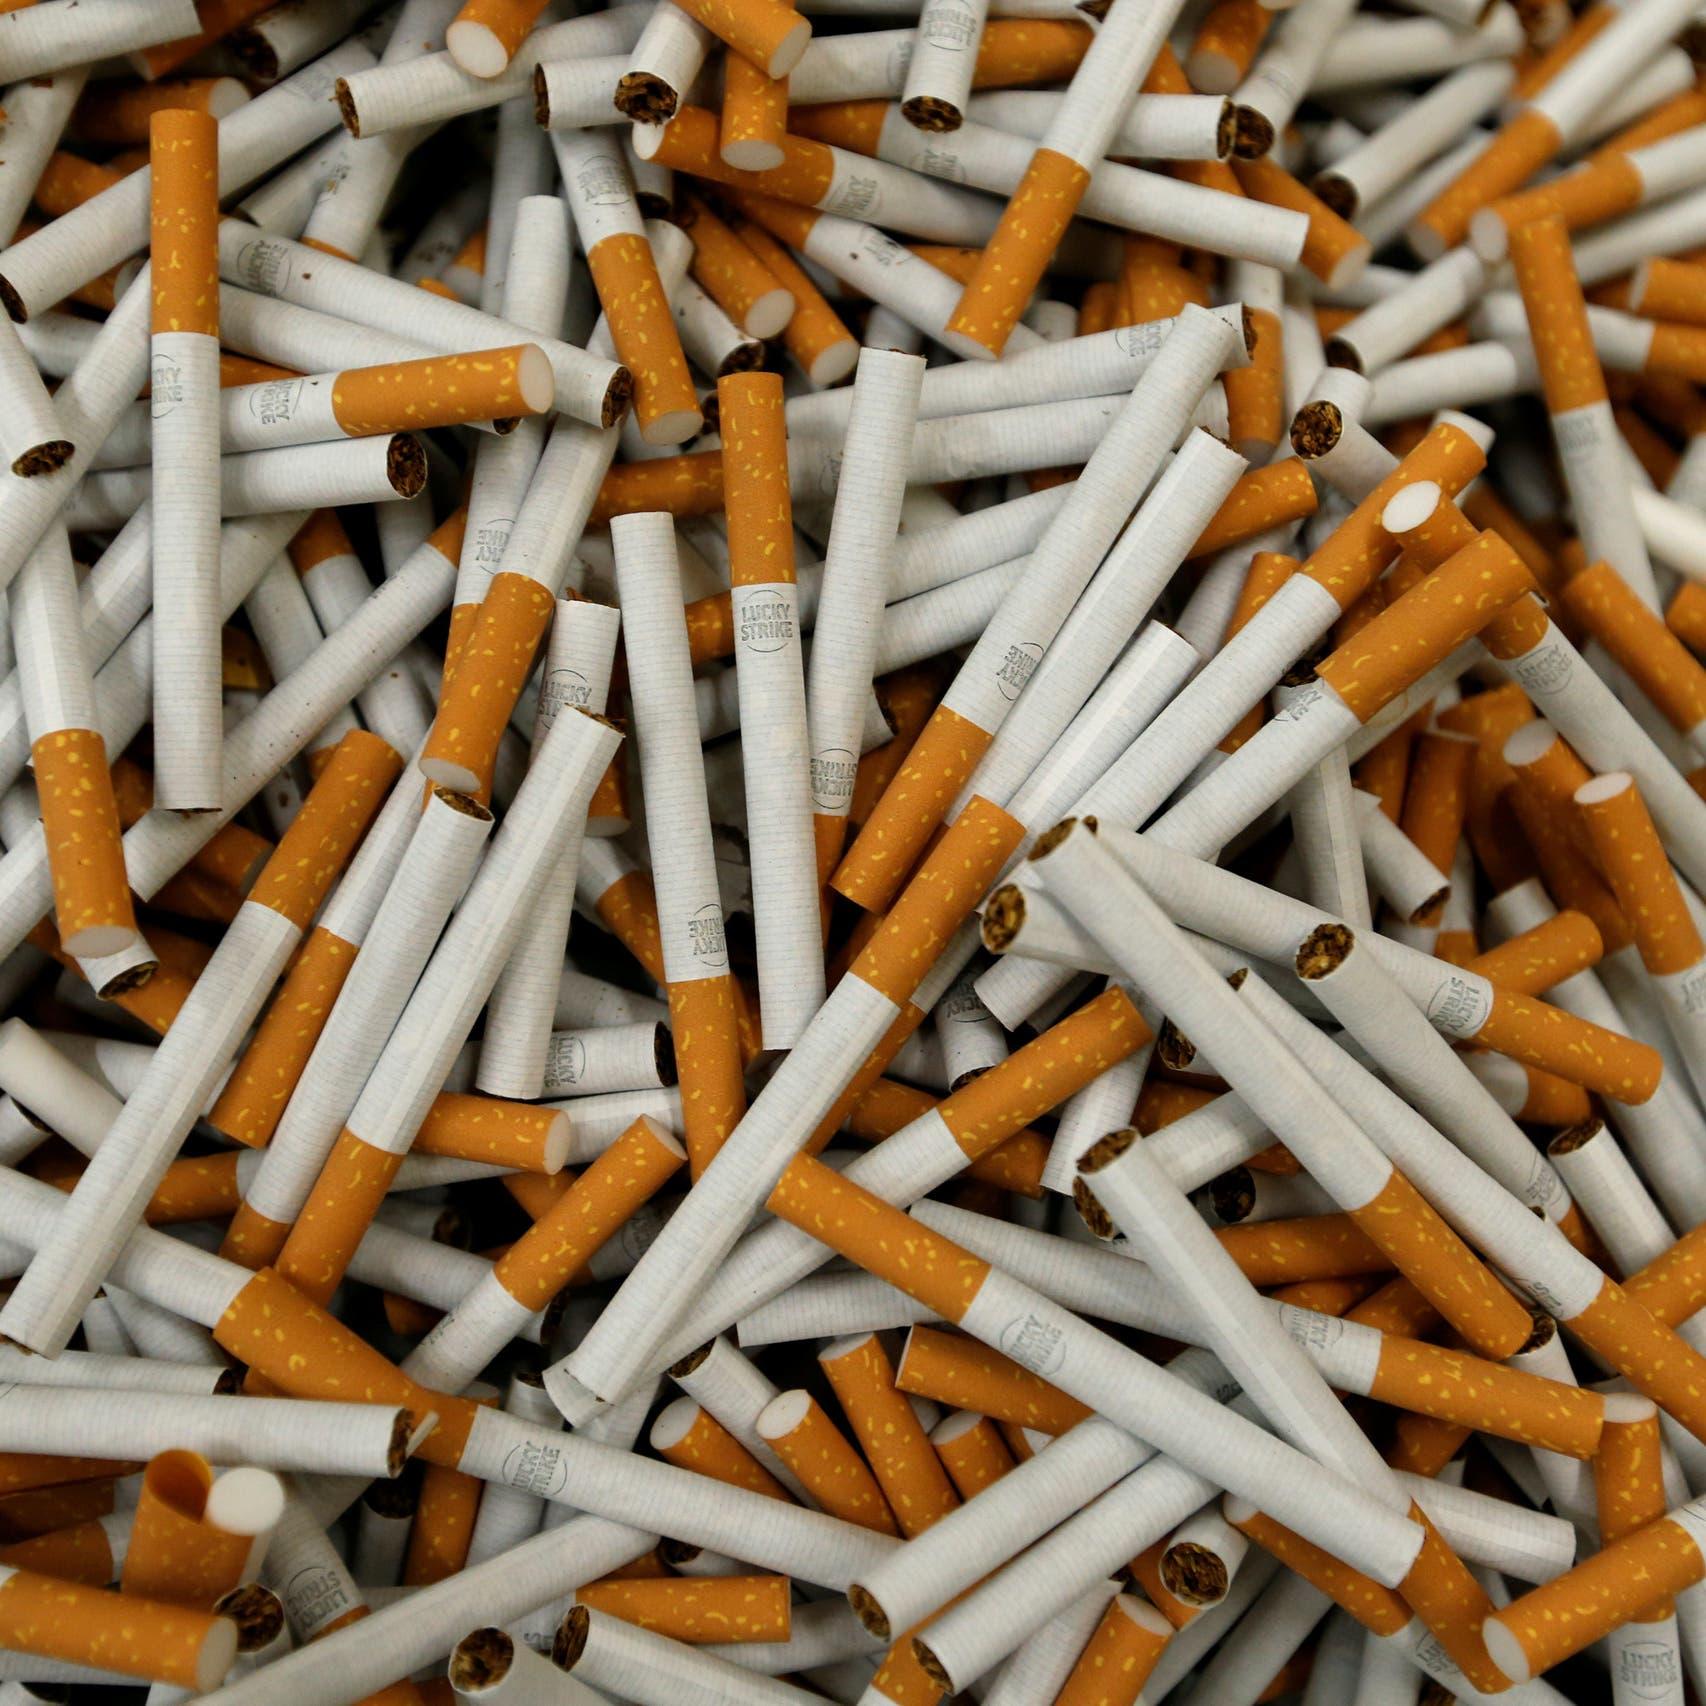 مصر تخفض شرط رخصة مصنع التبغ لإنتاج مليار سيجارة سنوياً